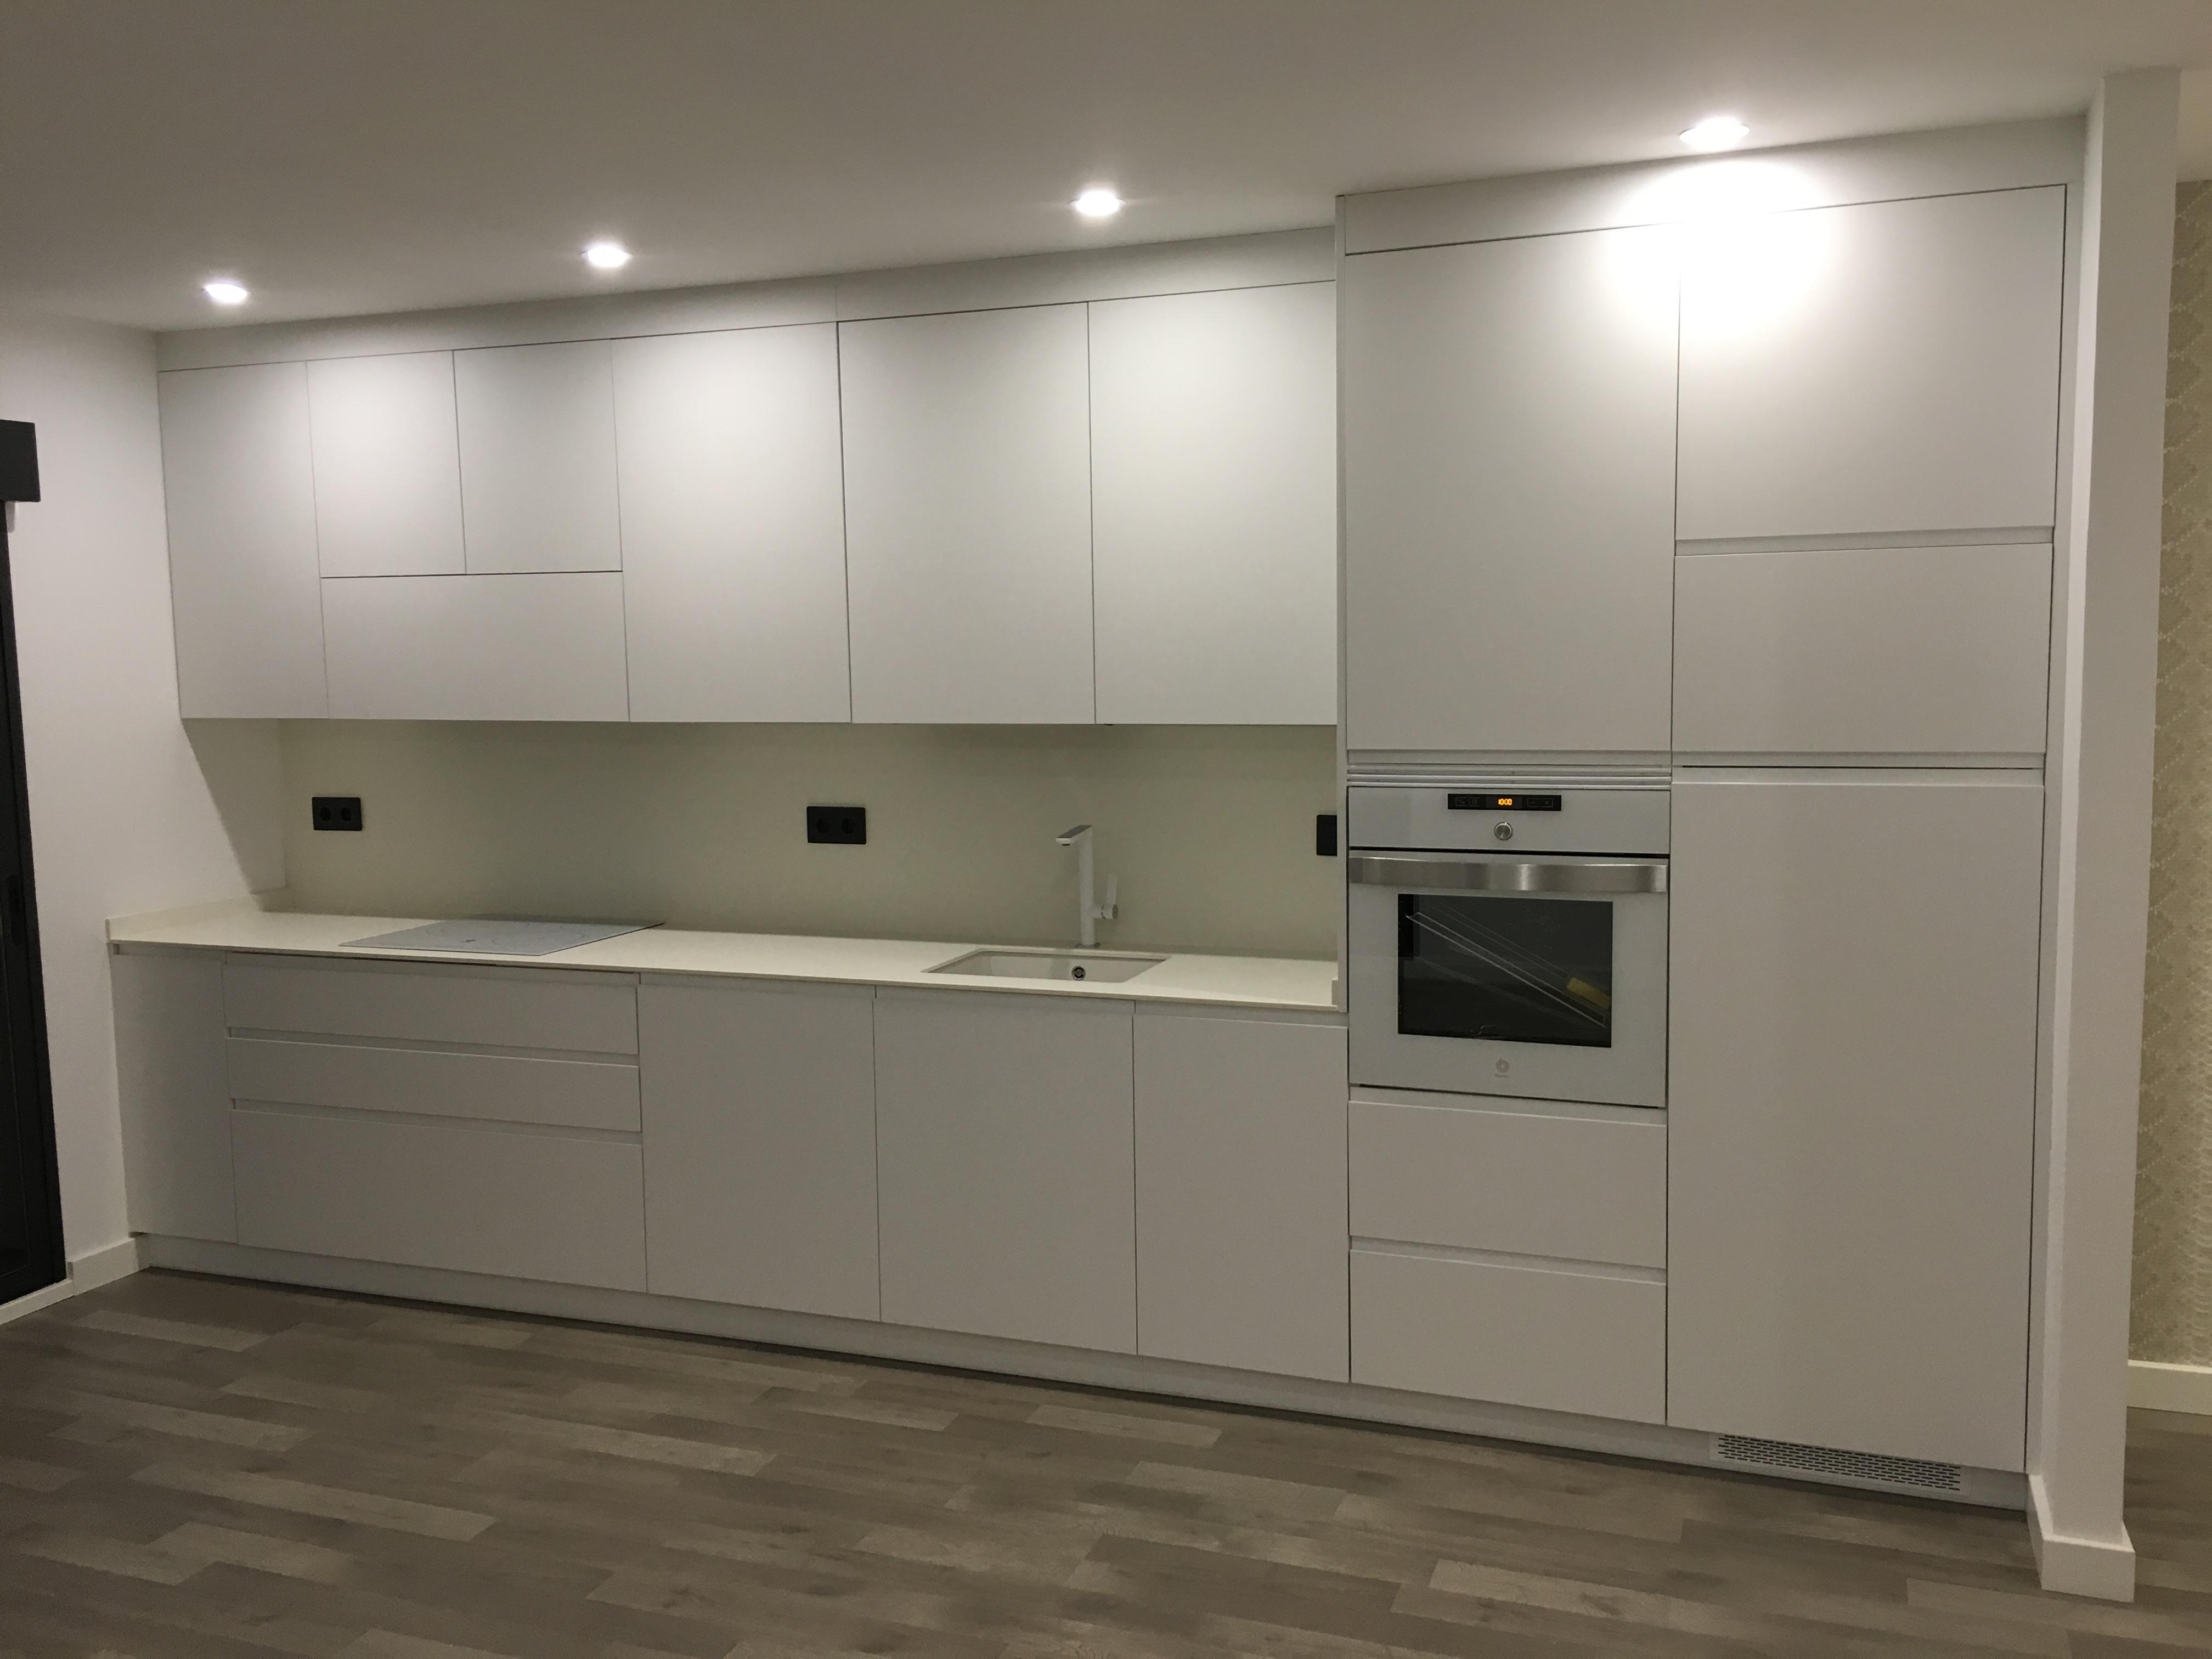 Muebles blanco mate 20170907082044 - Cocinas con electrodomesticos blancos ...